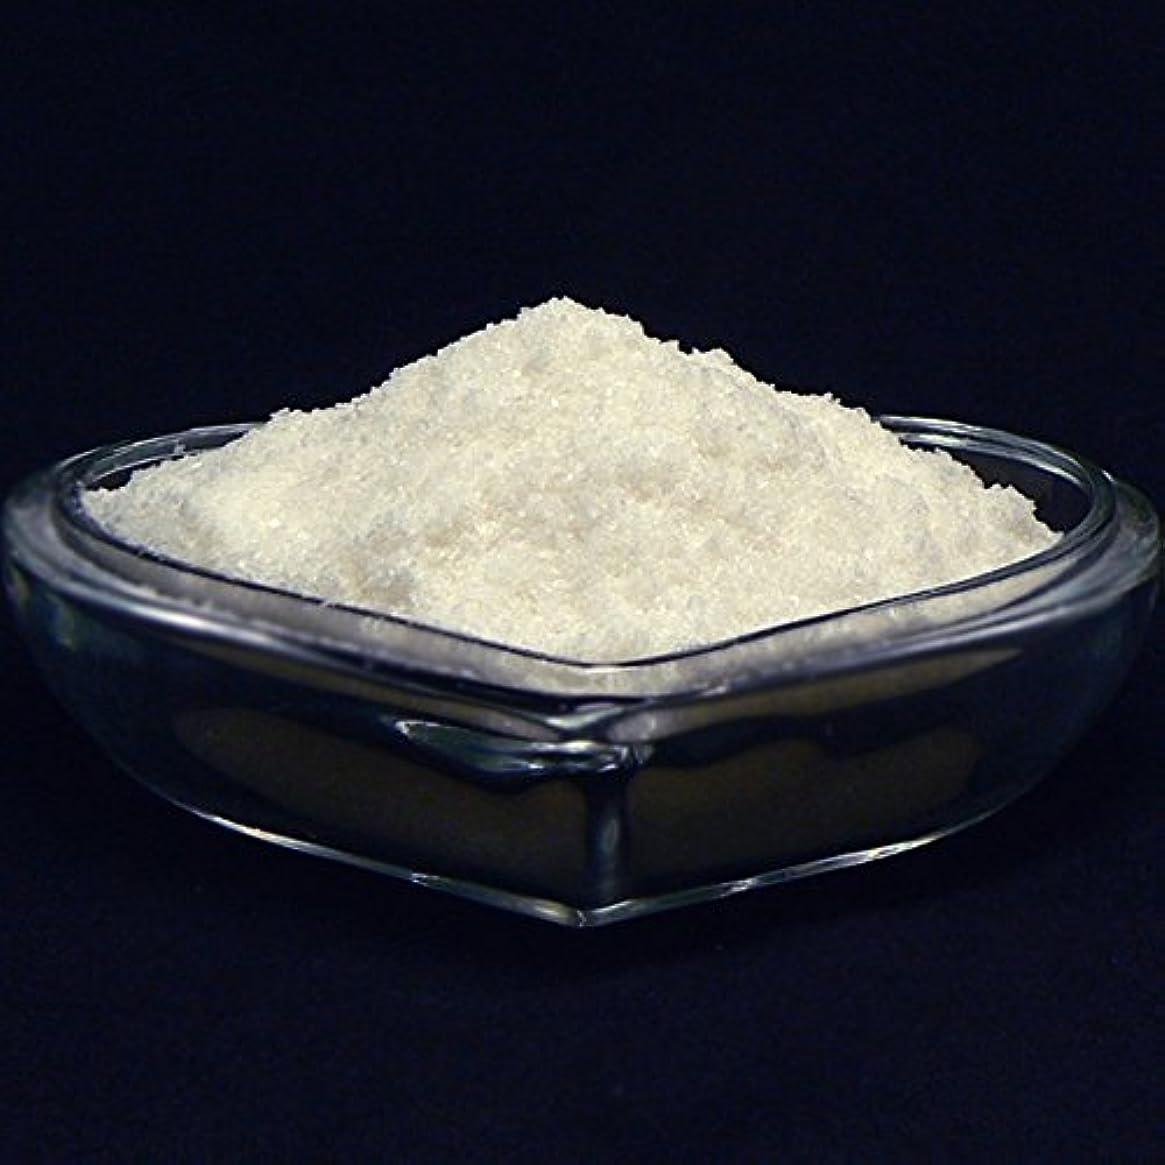 出演者大人引き付けるヒマラヤ岩塩 クリスタルソルト 入浴用 バスソルト(パウダー)白岩塩 (1kg+250g増量)